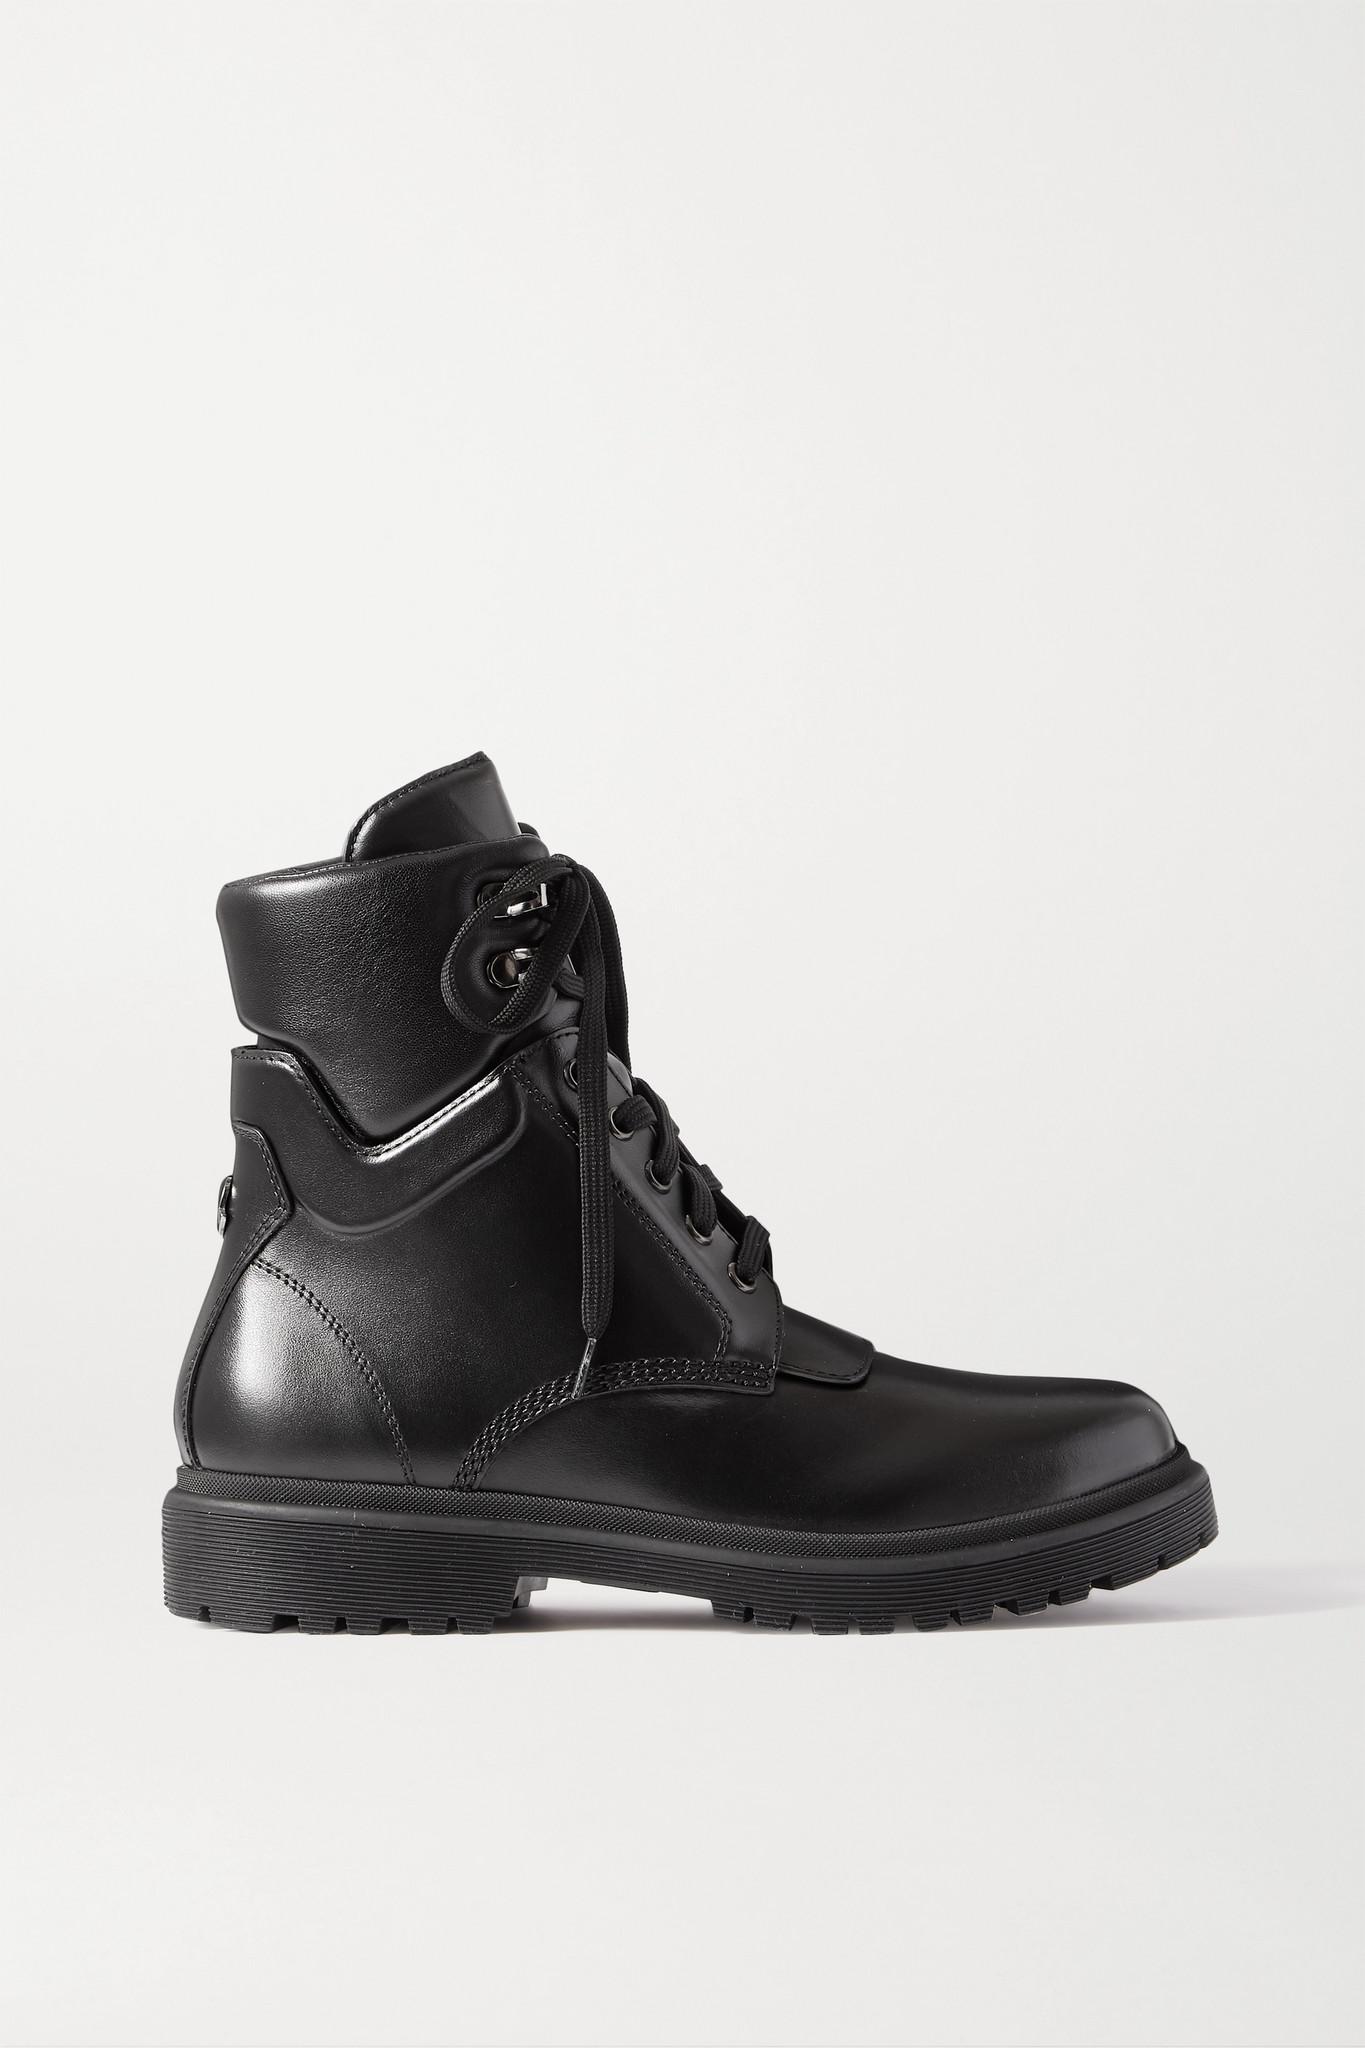 MONCLER - Patty 皮革踝靴 - 黑色 - IT41